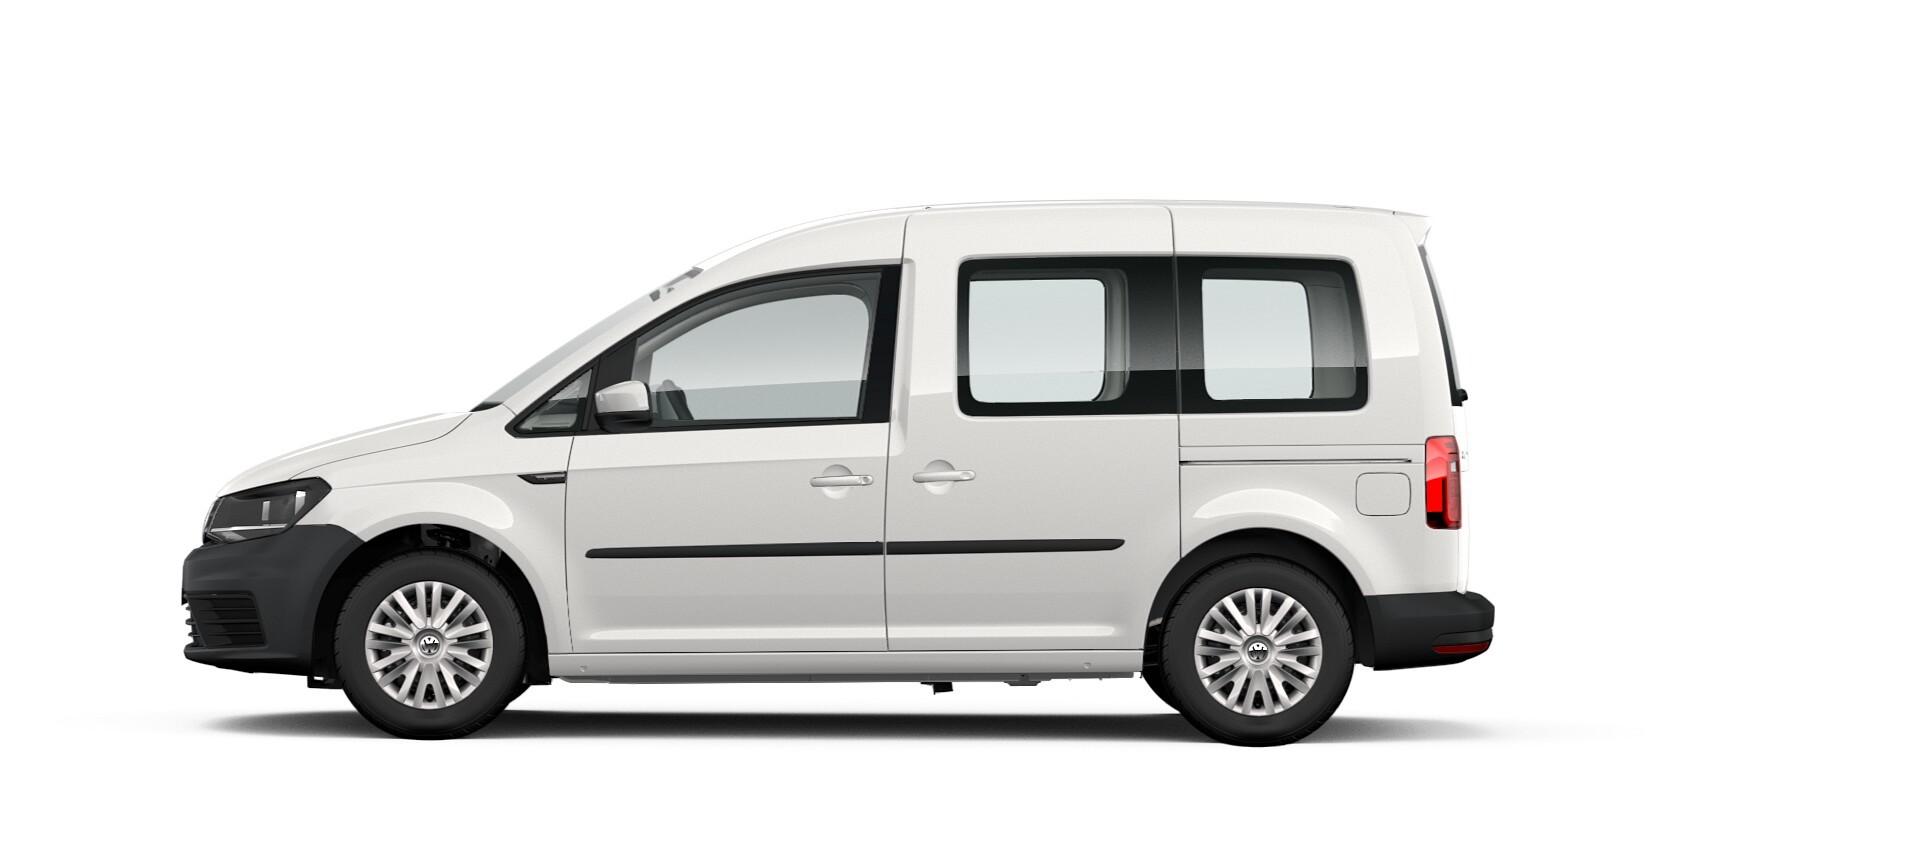 Caddy Trendline 5-Sitzer, 1,2 l TSI, EU6, BlueMotion, PlusPaket Technology, 62 kW, 5-Gang-Schaltgetriebe, Radstand: 2681 mm, mit PlusPaket